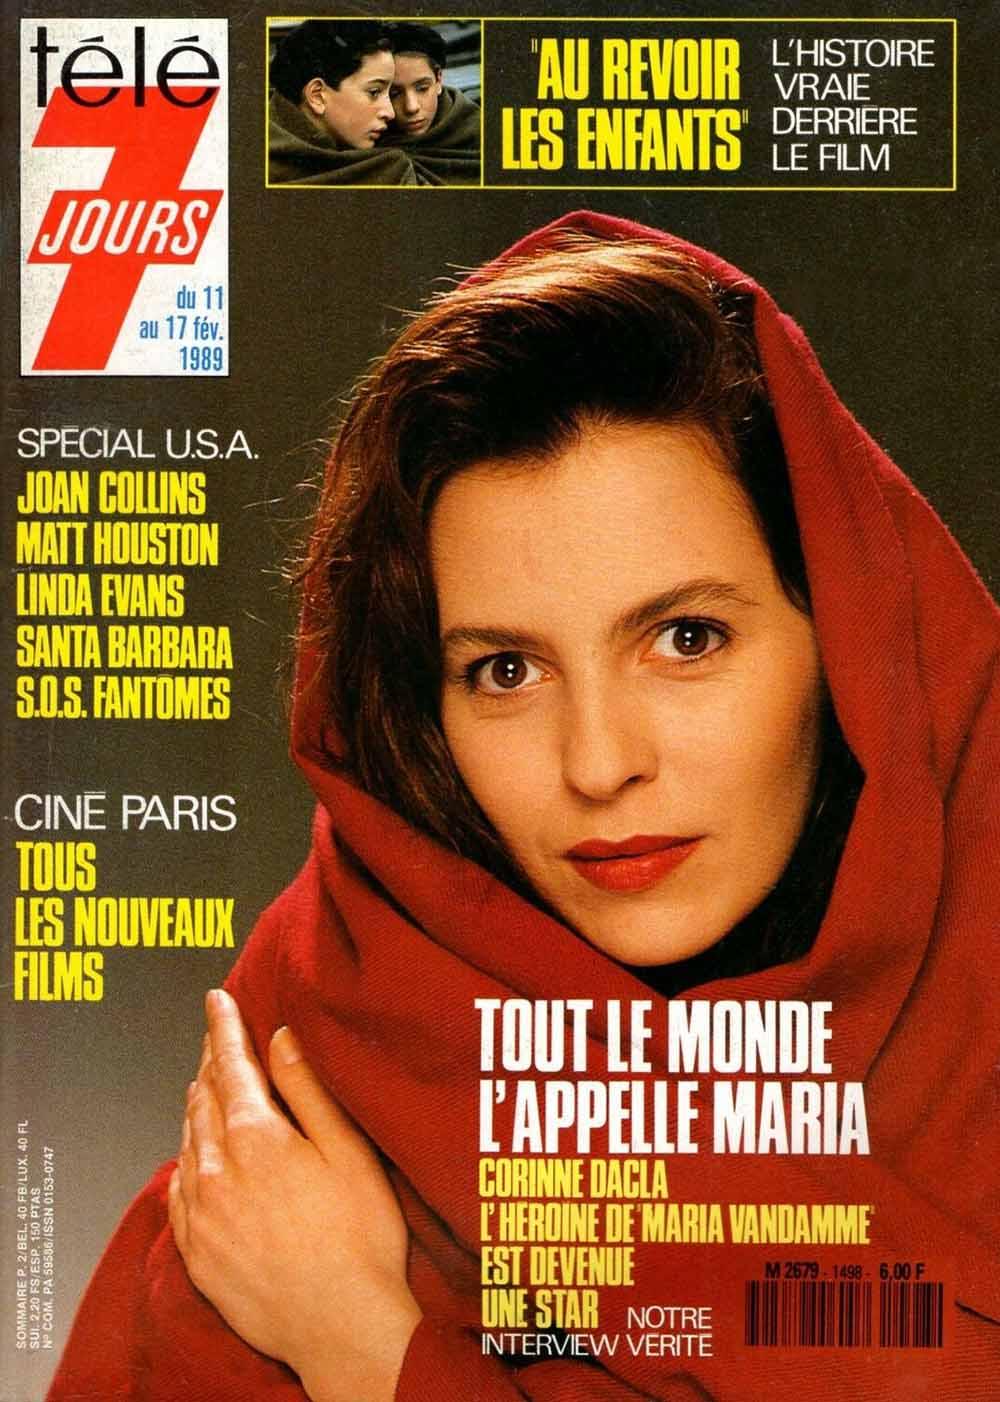 Programme TV du 11 au 17 février 1989